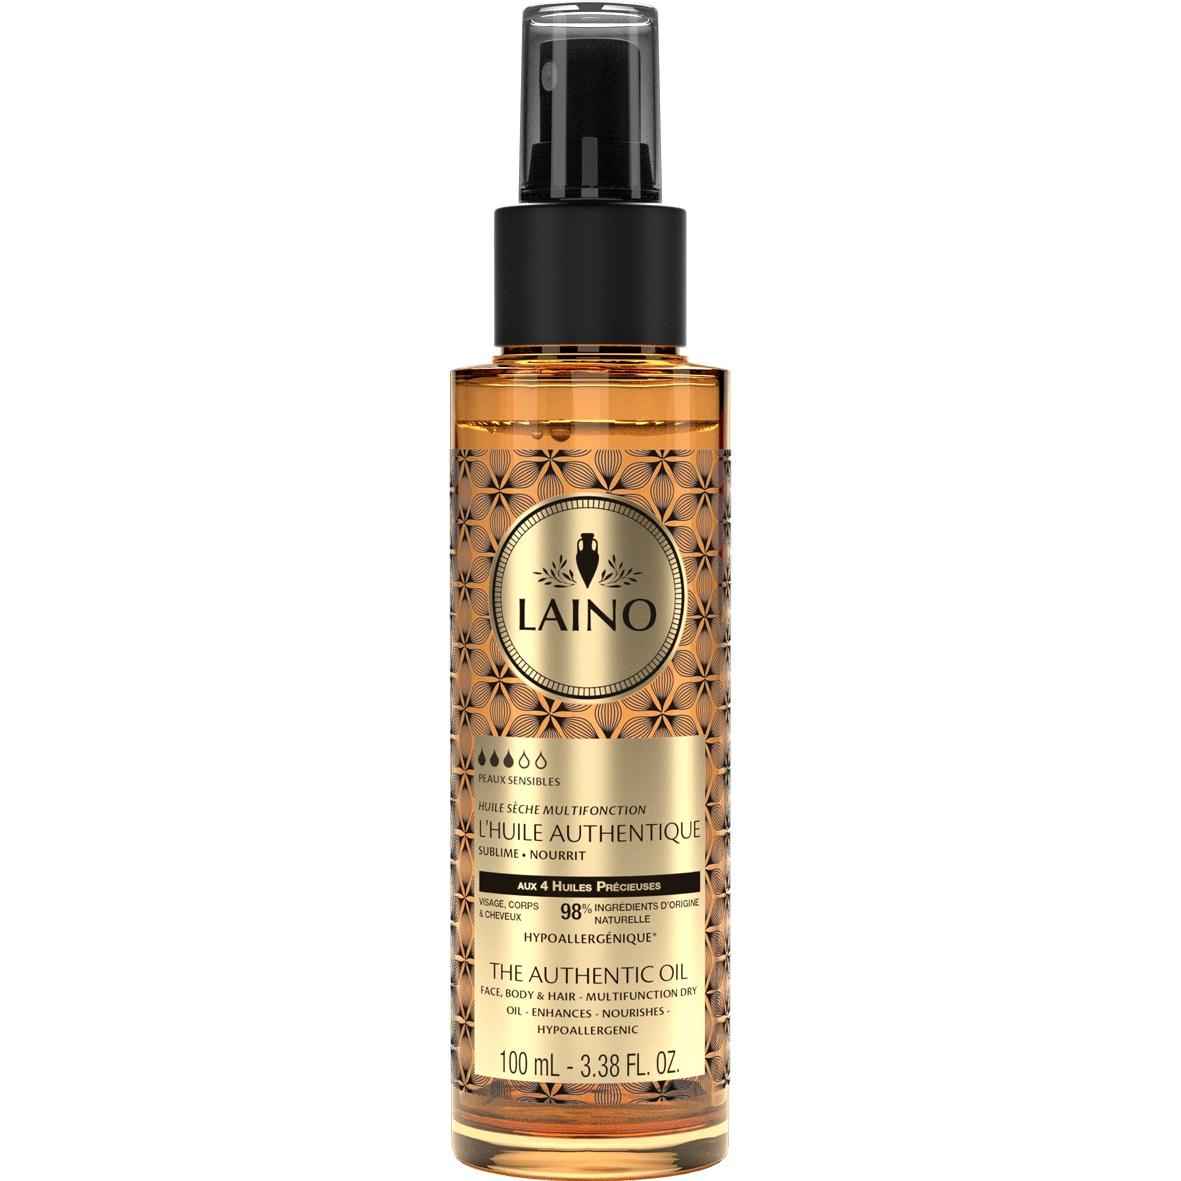 Image of Laino Authentique huile sèche